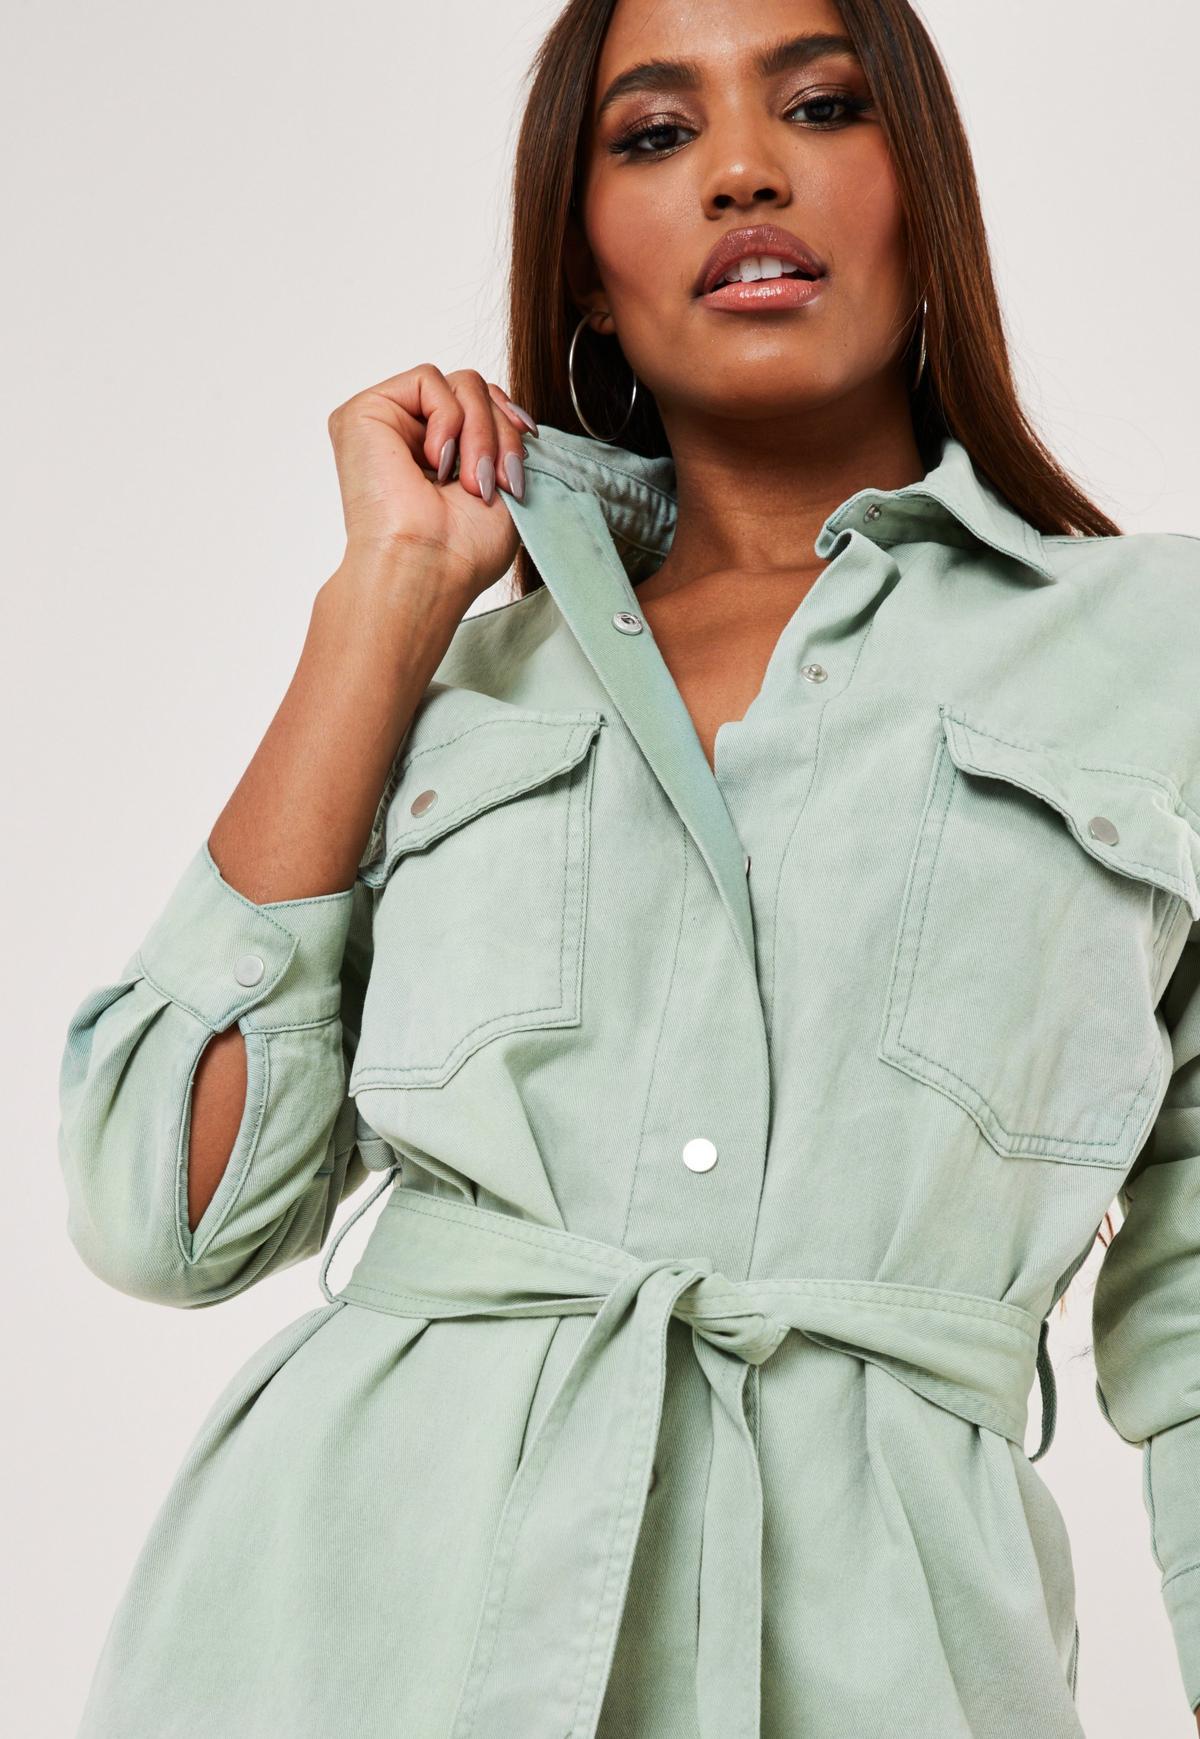 Robe chemise verte en jean oversize avec ceinture